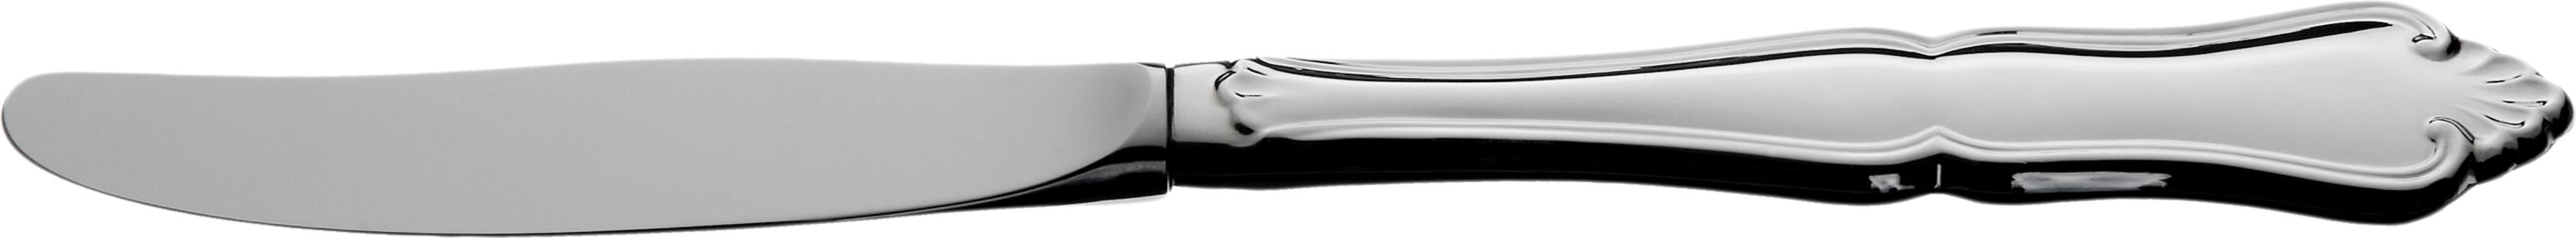 Liten spisekniv med langt skaft, Märtha sølvbestikk